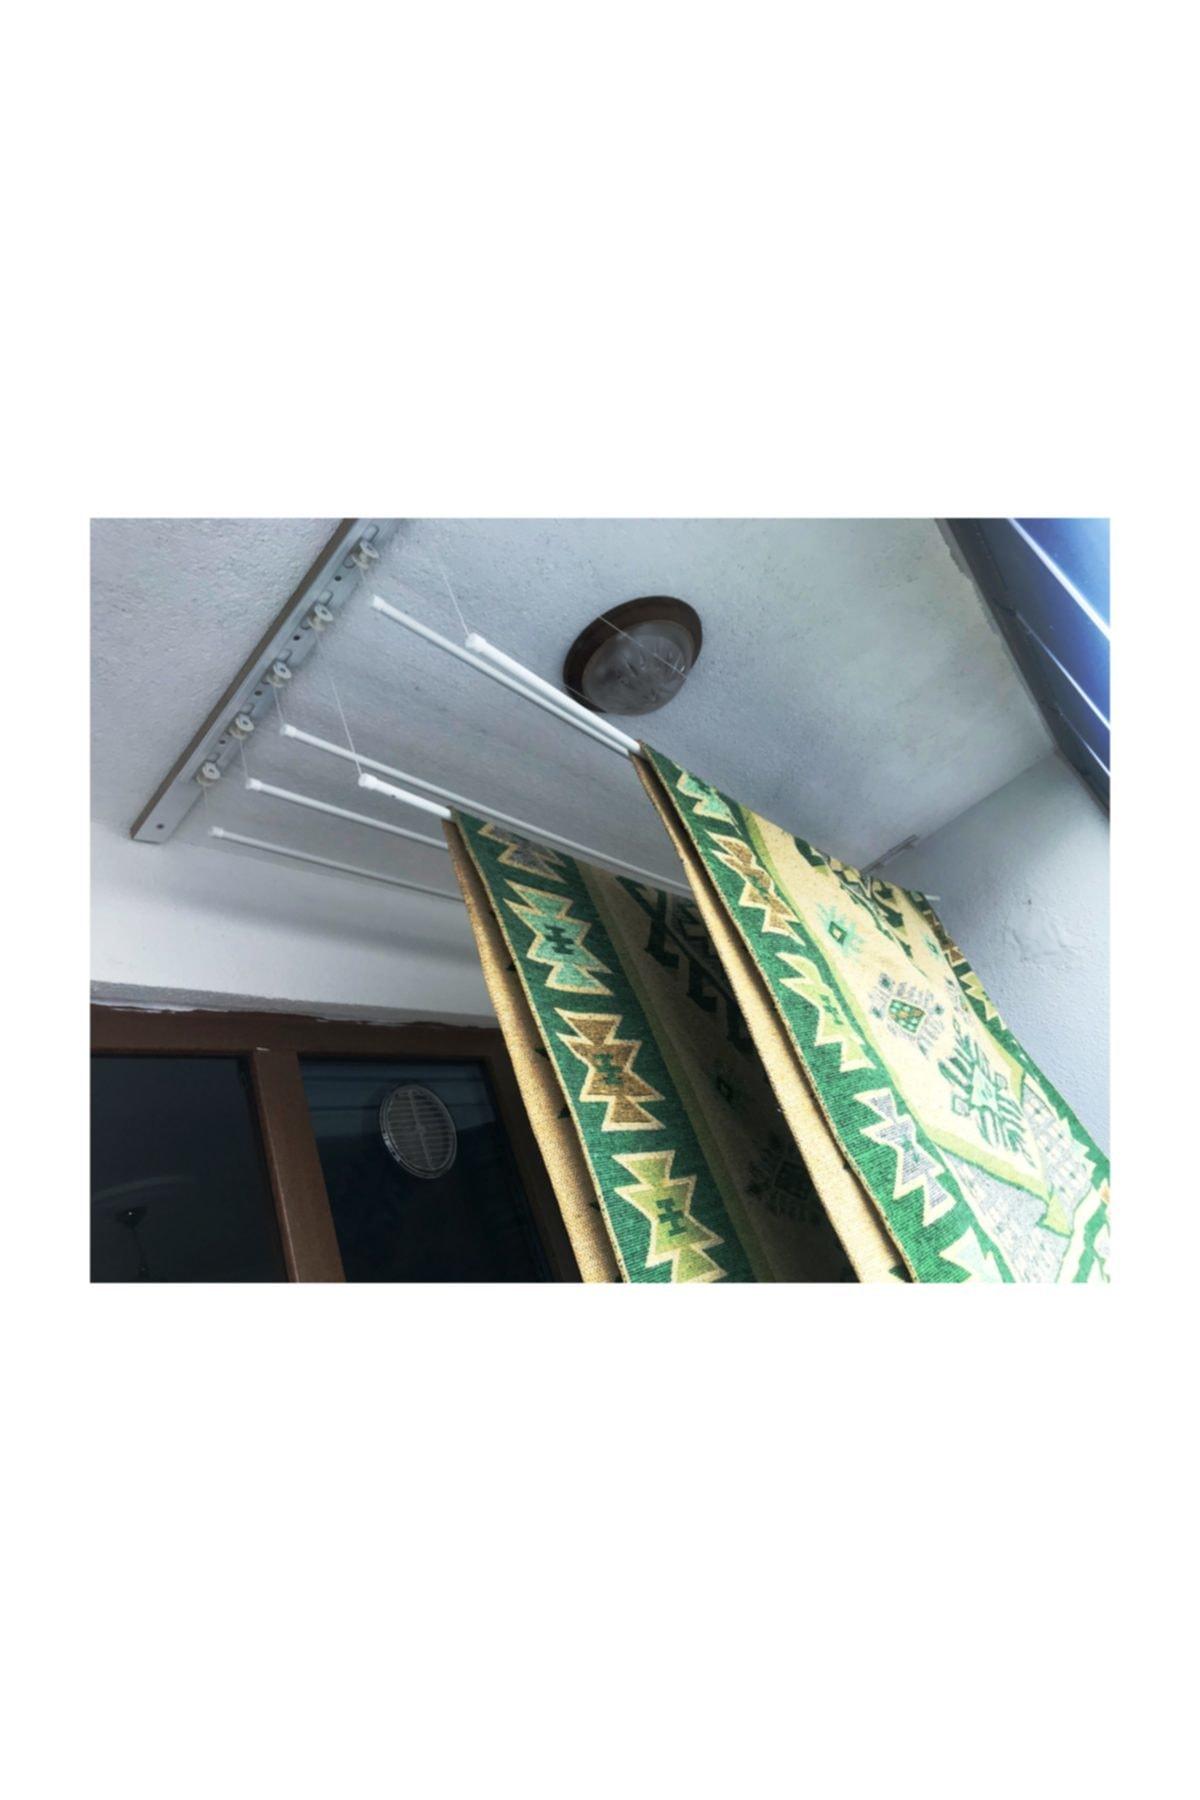 LYRA Asansörlü Çamaşırlık 6 Çubuklu 140 Cm 2